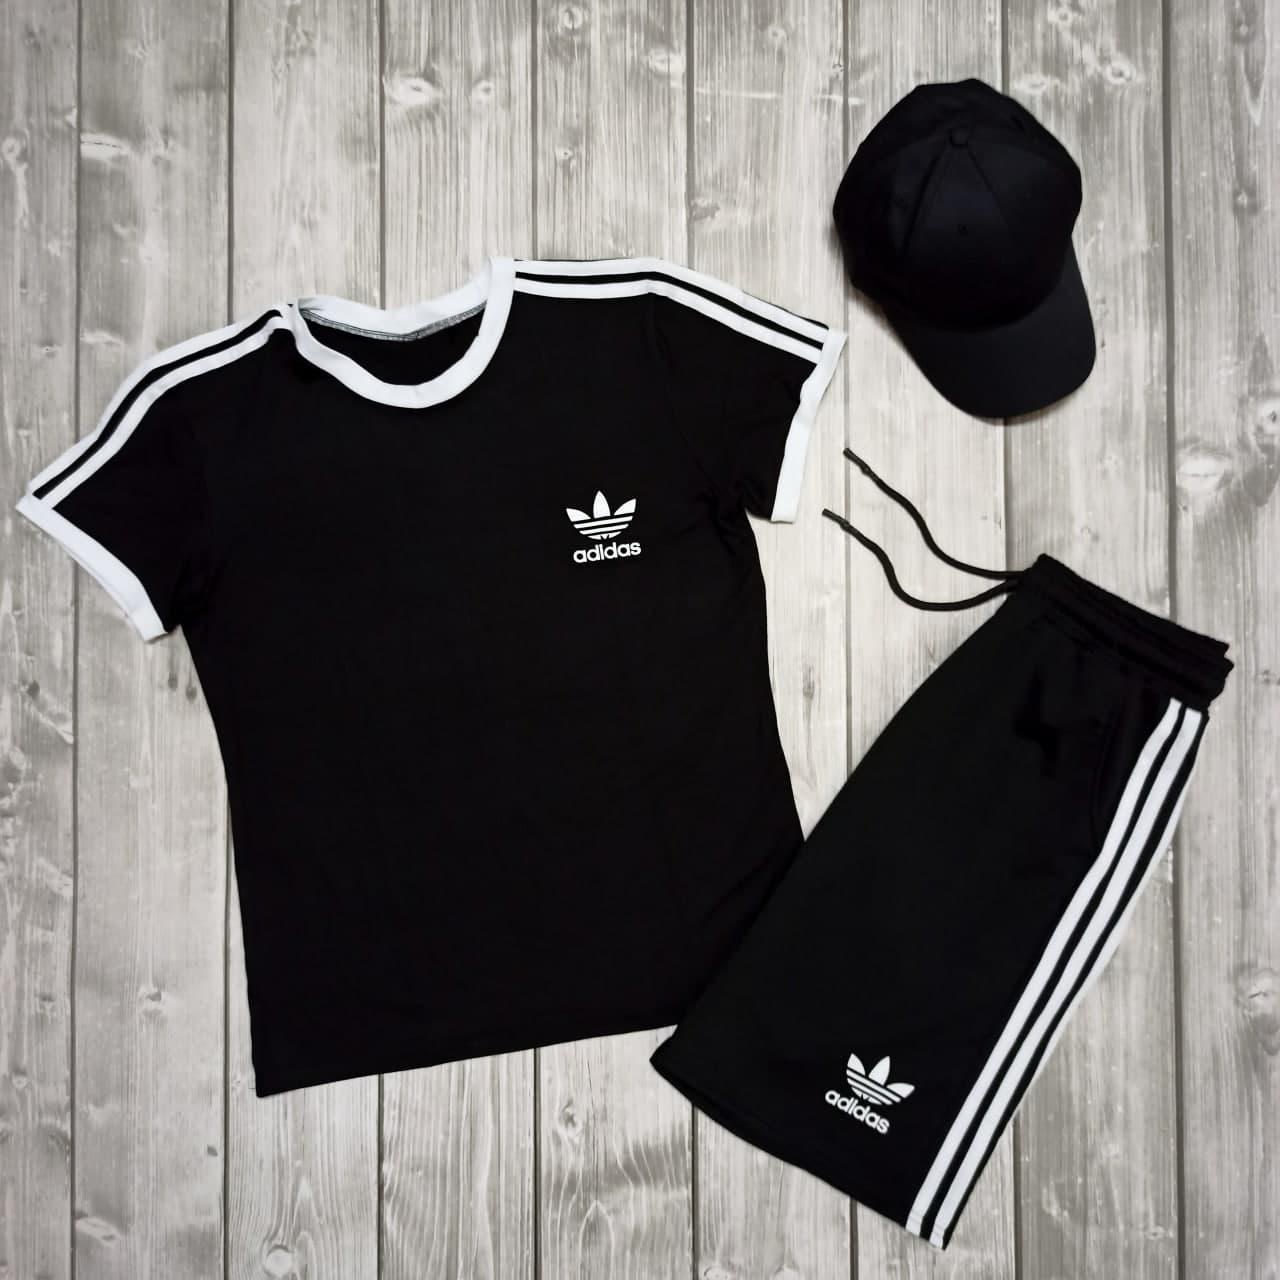 .Adidas адидас Мужской спортивный костюм/комплект черный с лампасами лето. Футболка + шорты + Подарок кепка